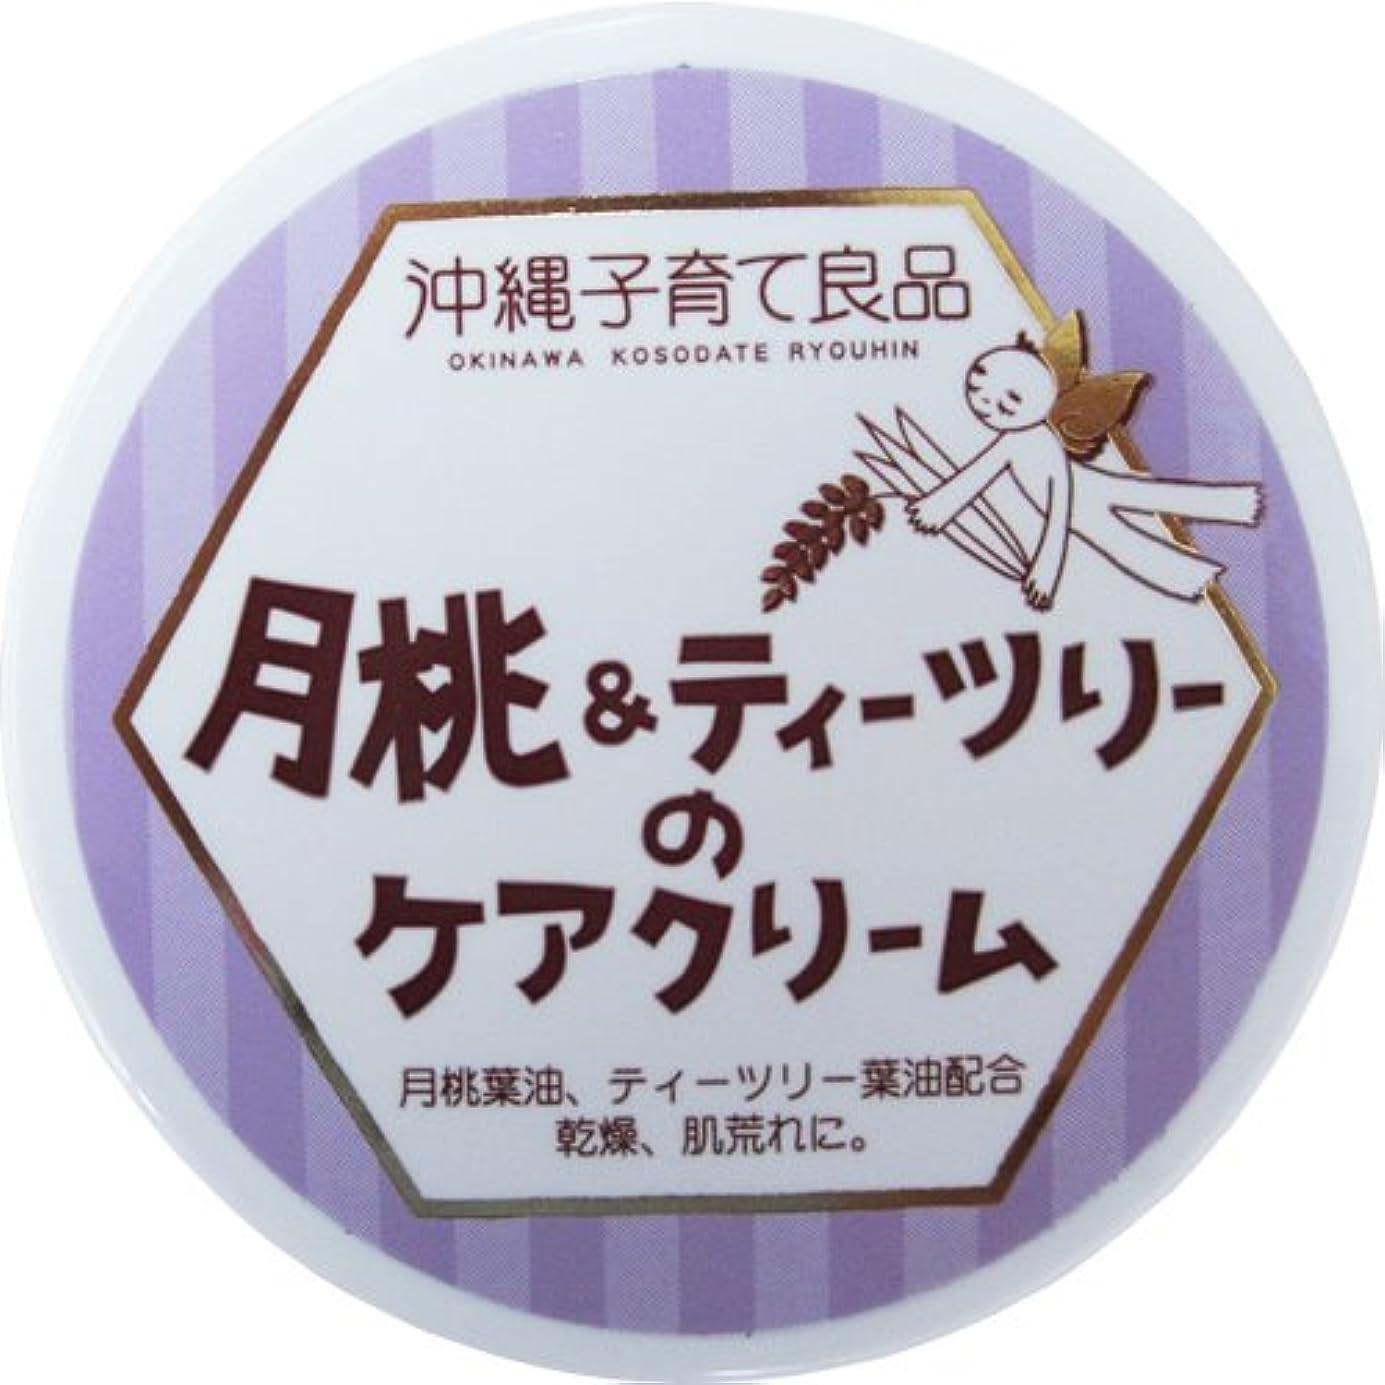 有名提出する抵抗沖縄子育て良品 月桃&ティツリーのケアクリーム (25g)